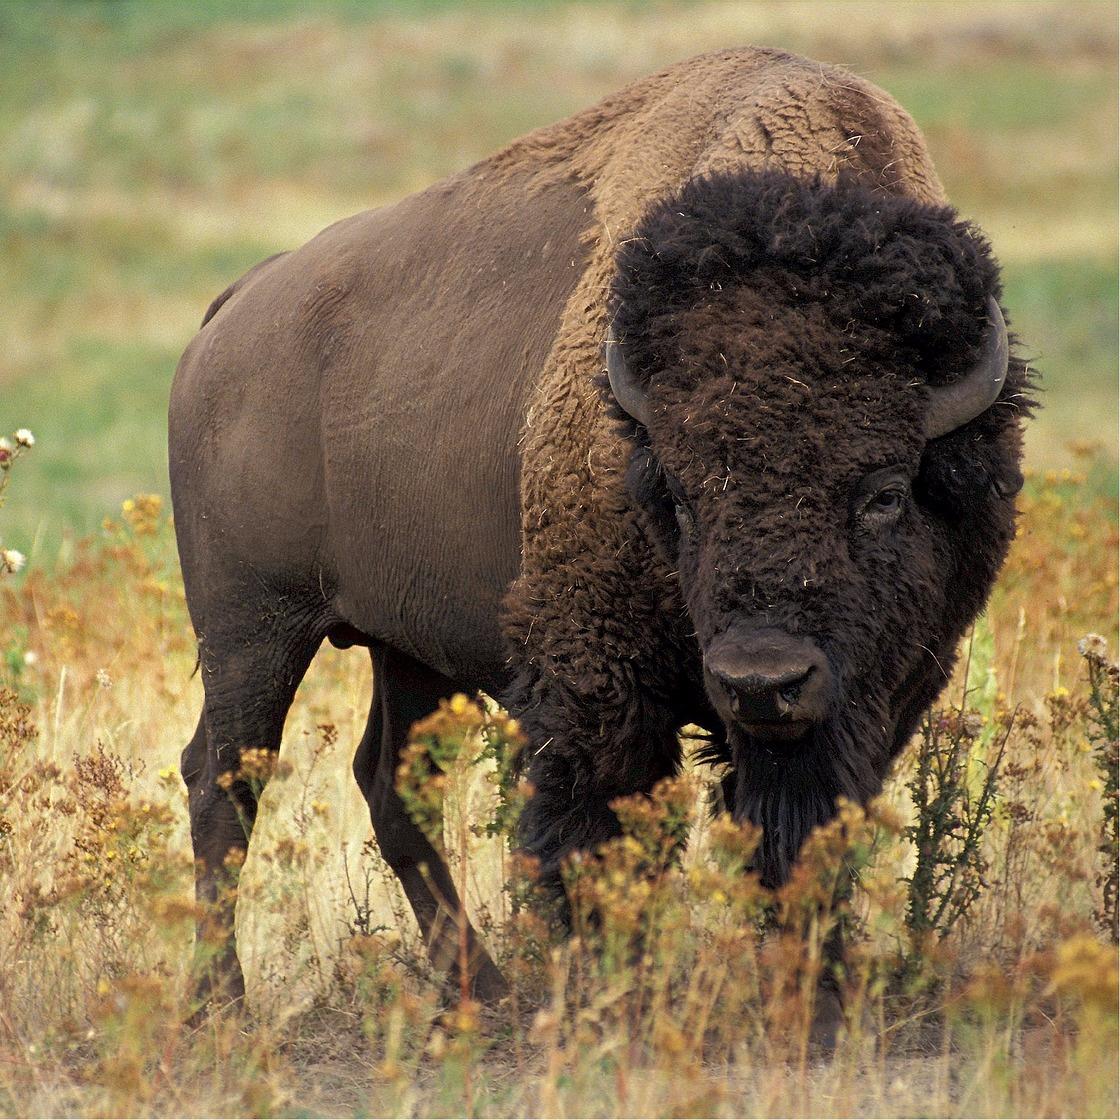 bison-526805_1280.jpg